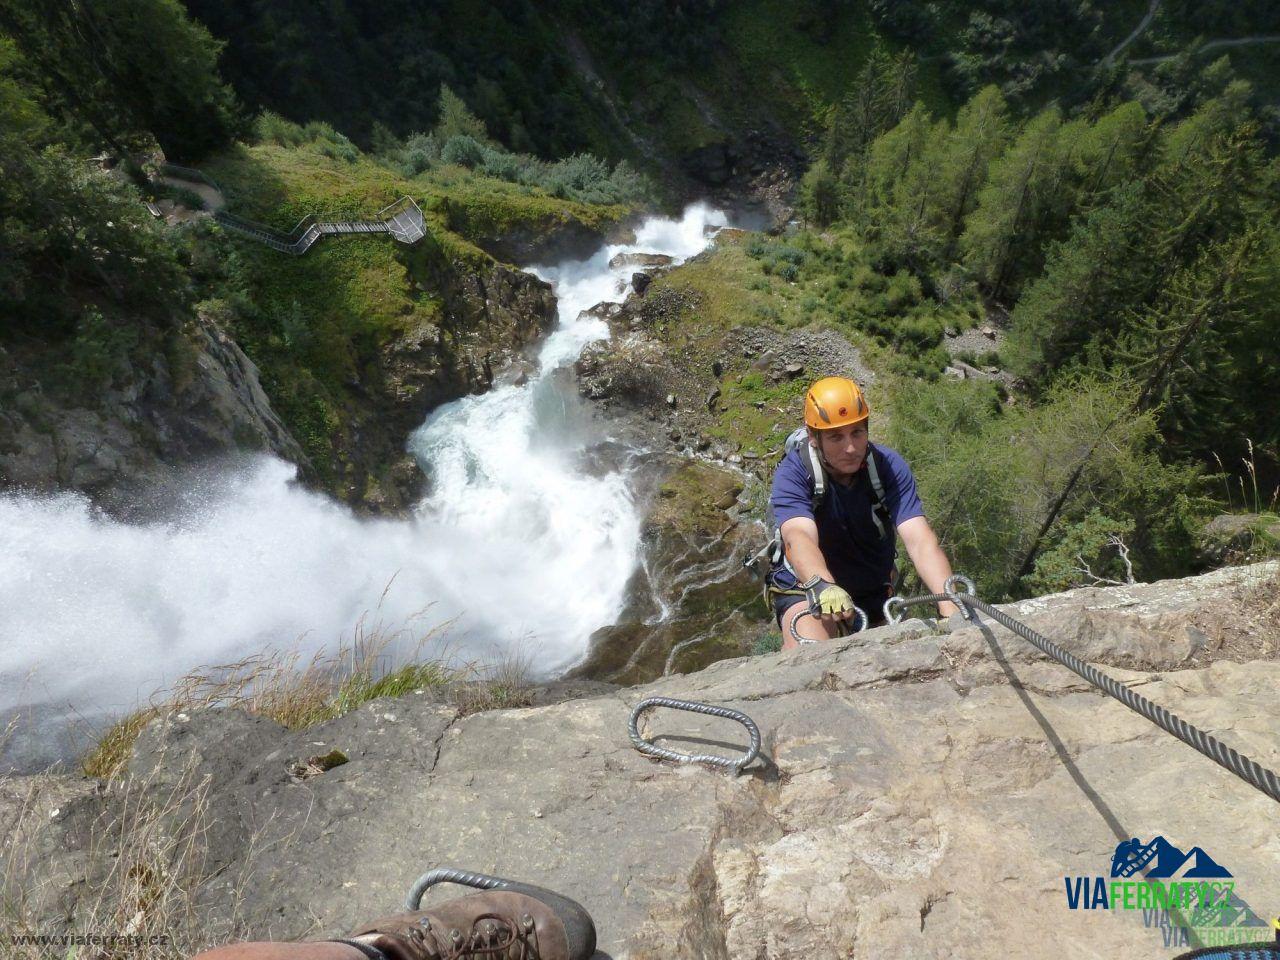 Klettersteig Stuibenfall : Klettersteig stuibenfall u Ötztal viaferraty cz